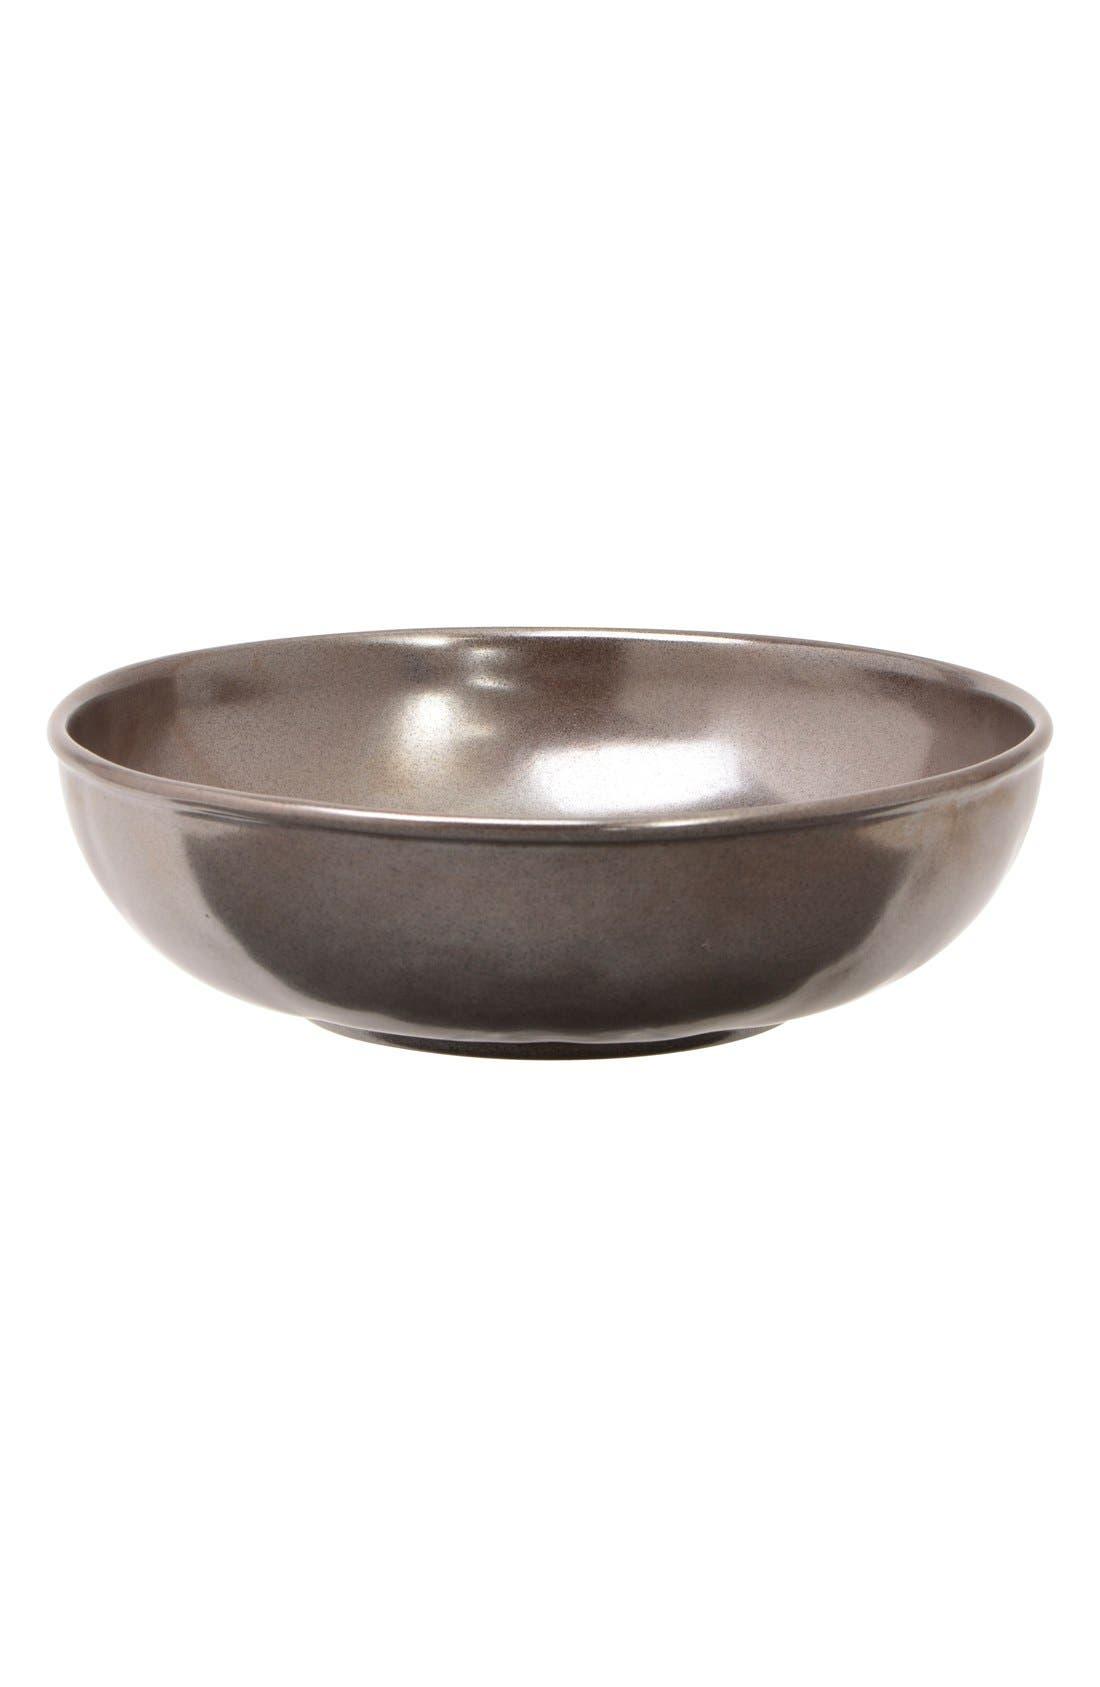 Main Image - Juliska'Pewter' Stoneware Soup Bowl